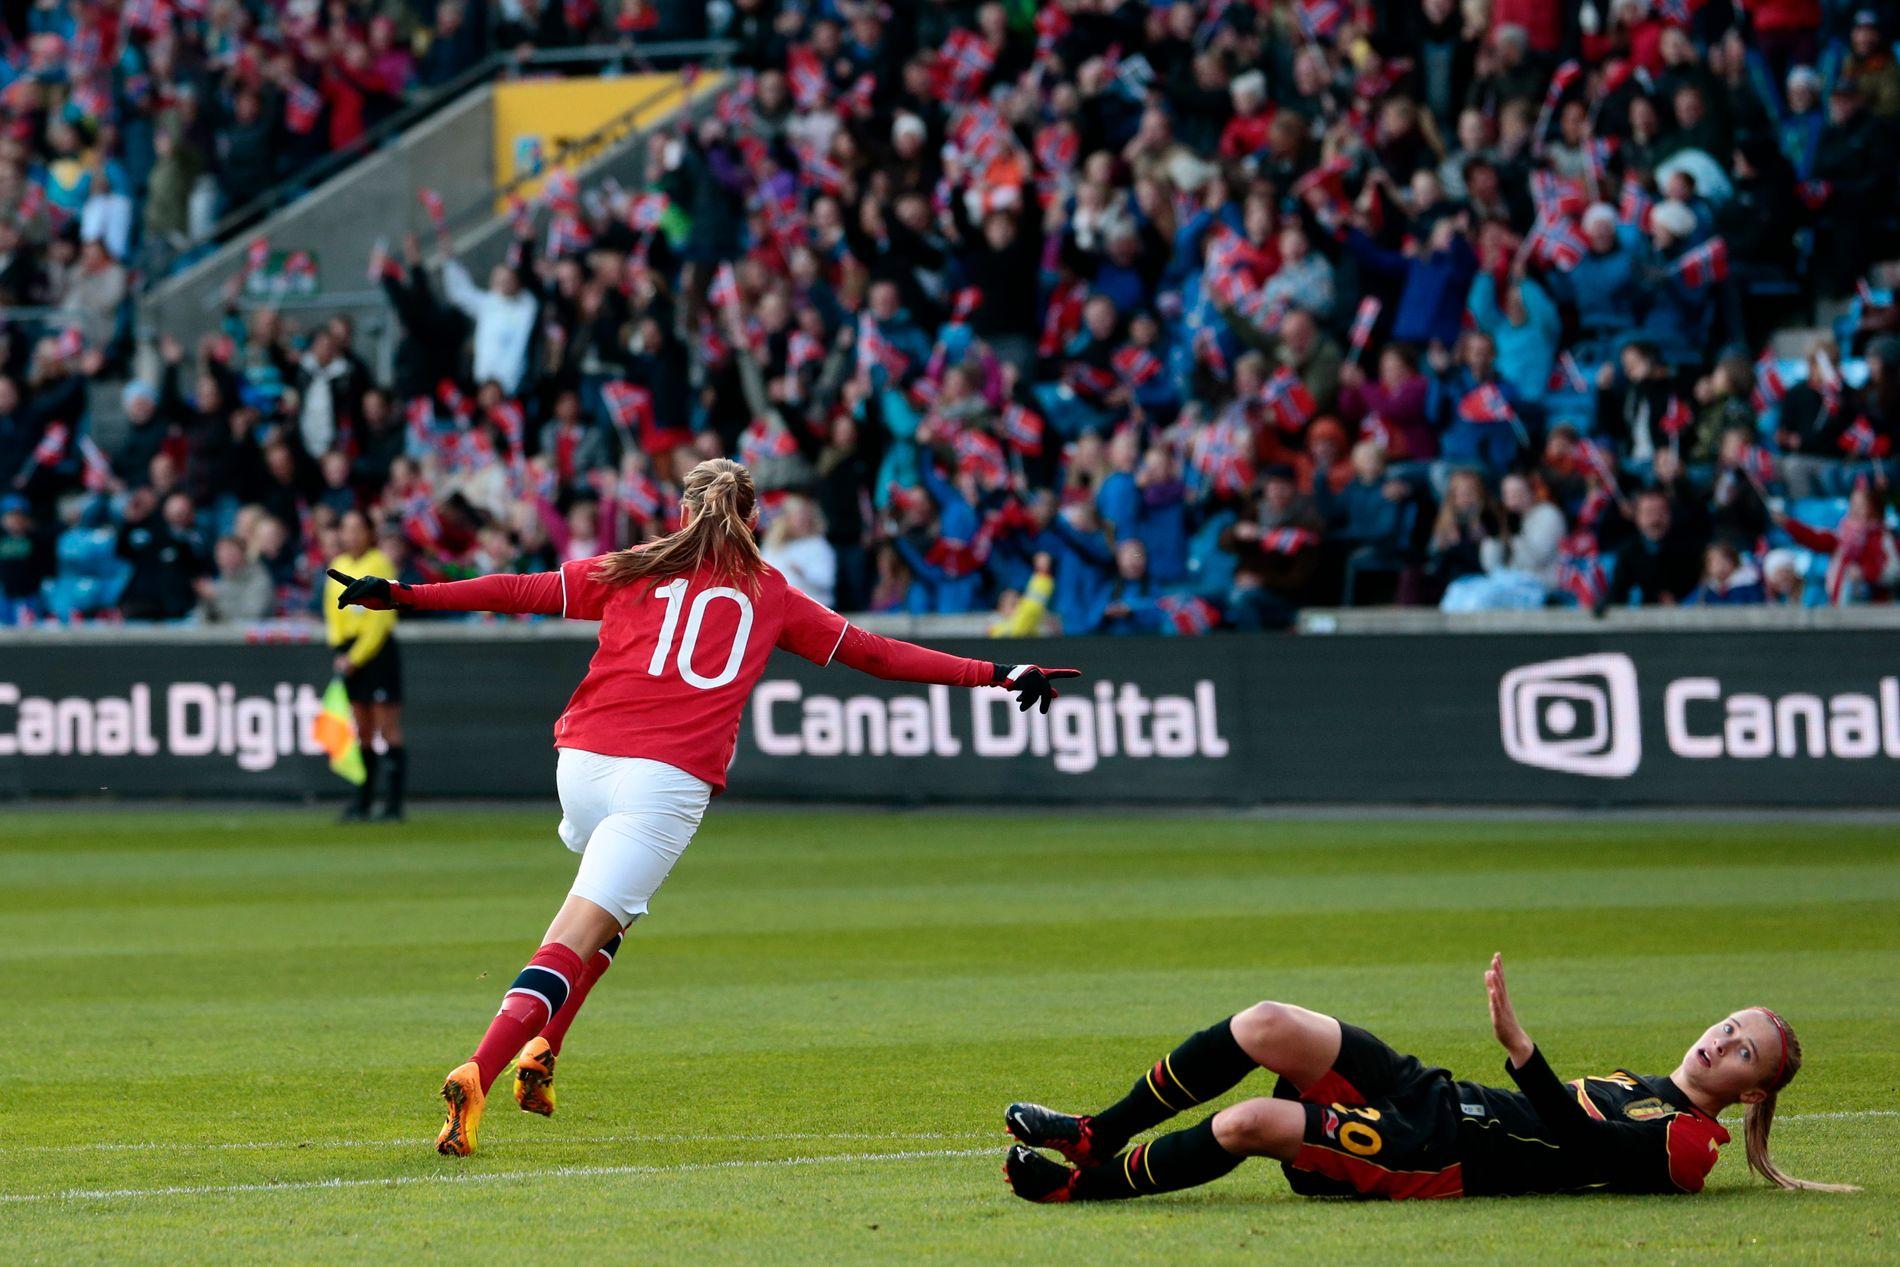 Mot Belgia i 2013 kunne Caroline Graham Hansen juble foran 4233 tilskuere da hun scoret kampens første mål etter fem minutter.